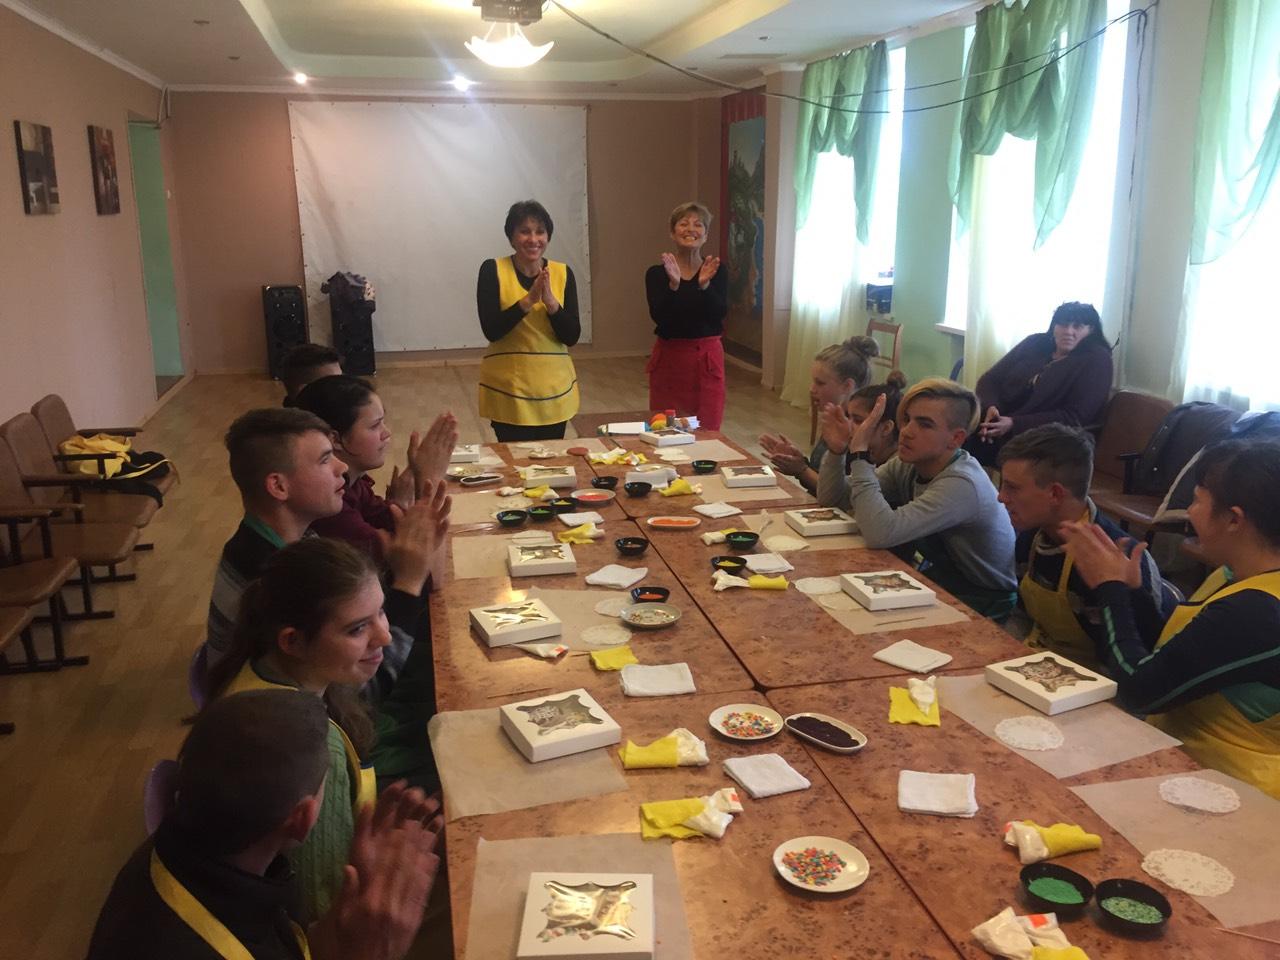 Пряничный мастер-класс к Пасхе в Килийской школе-интернат провела кондитер при поддержке международного фонда